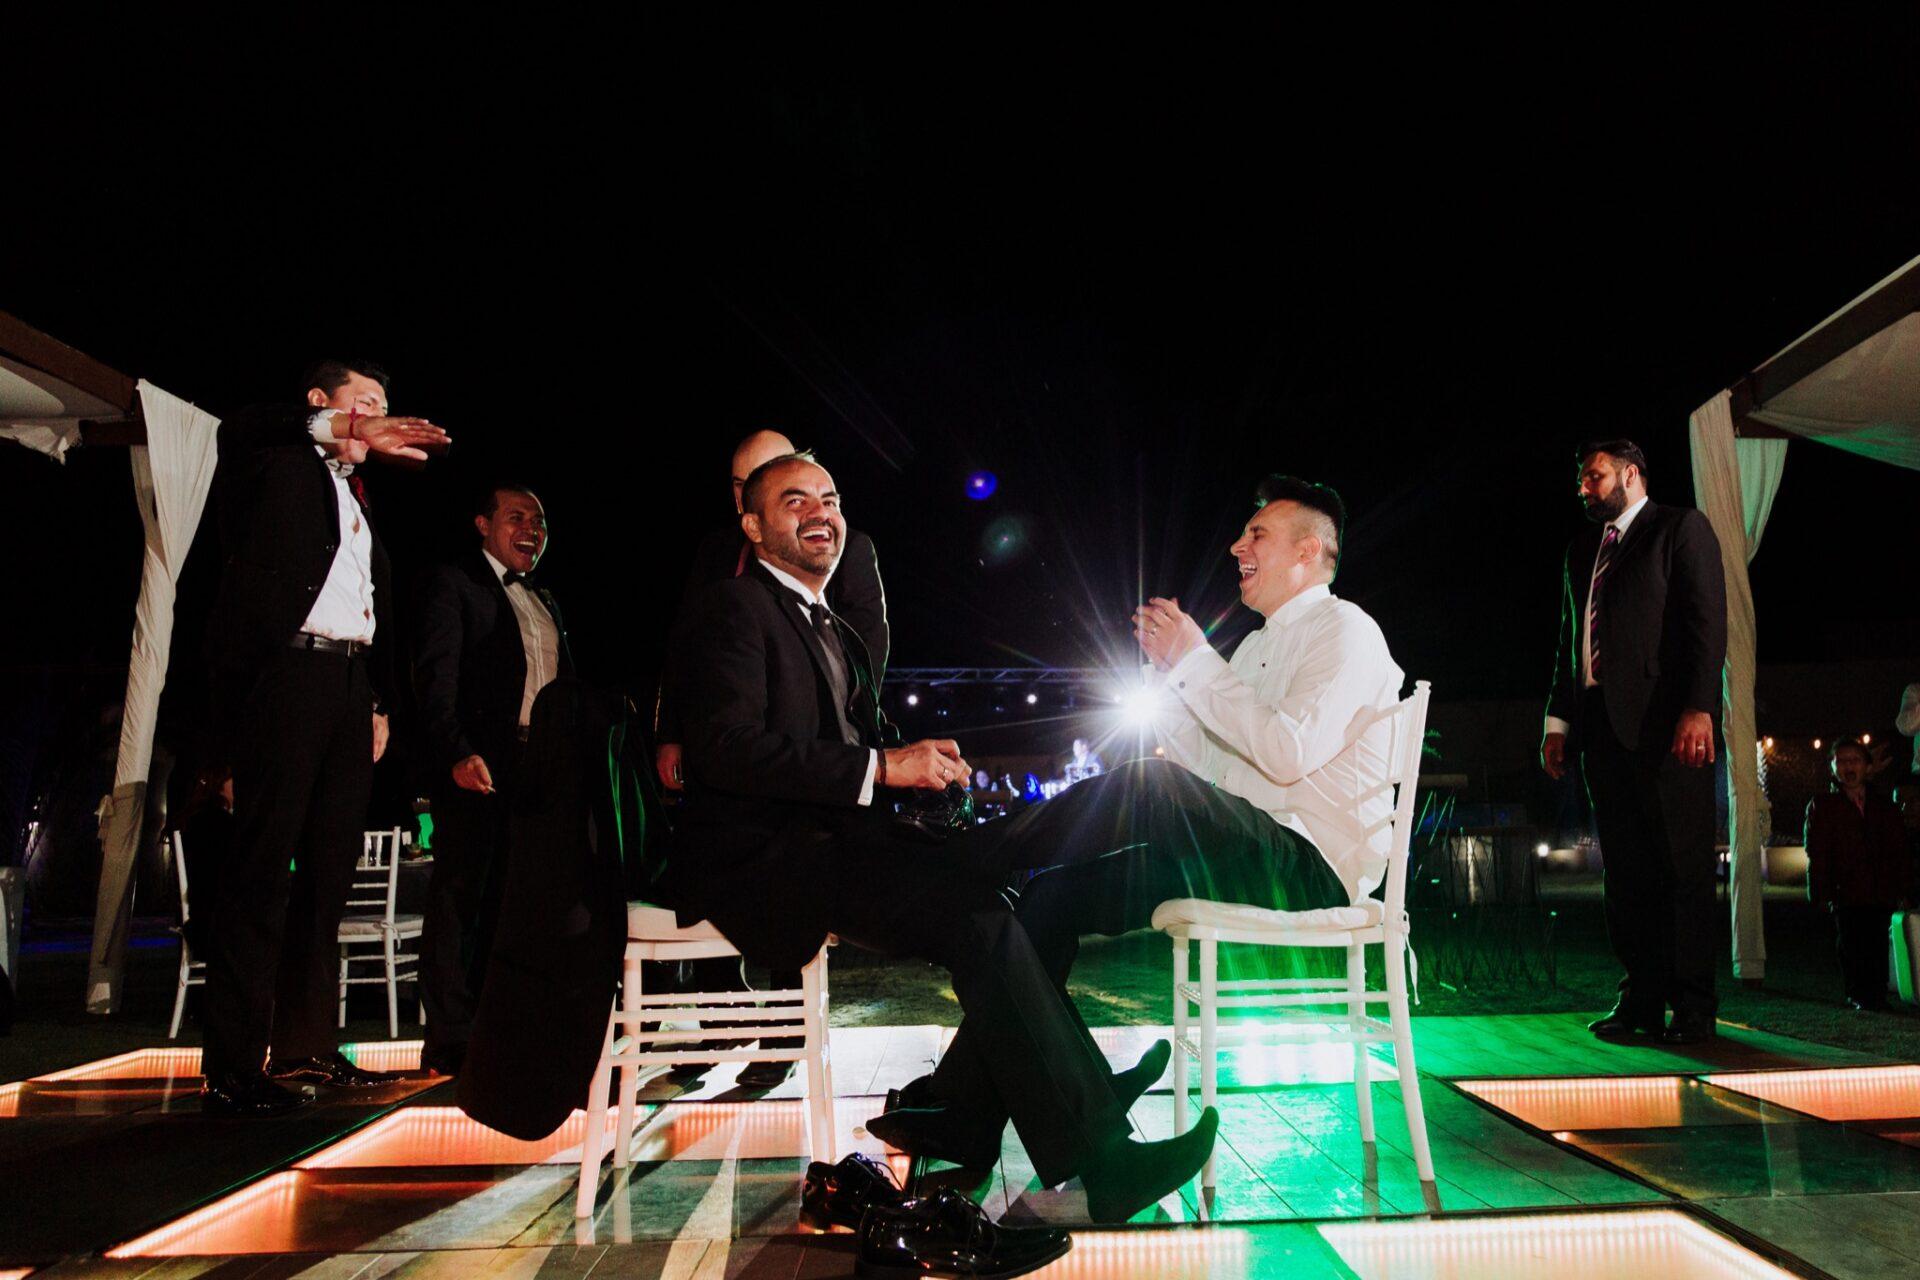 javier_noriega_fotografo_bodas_alicia_garden_zacatecas_wedding_photographer30